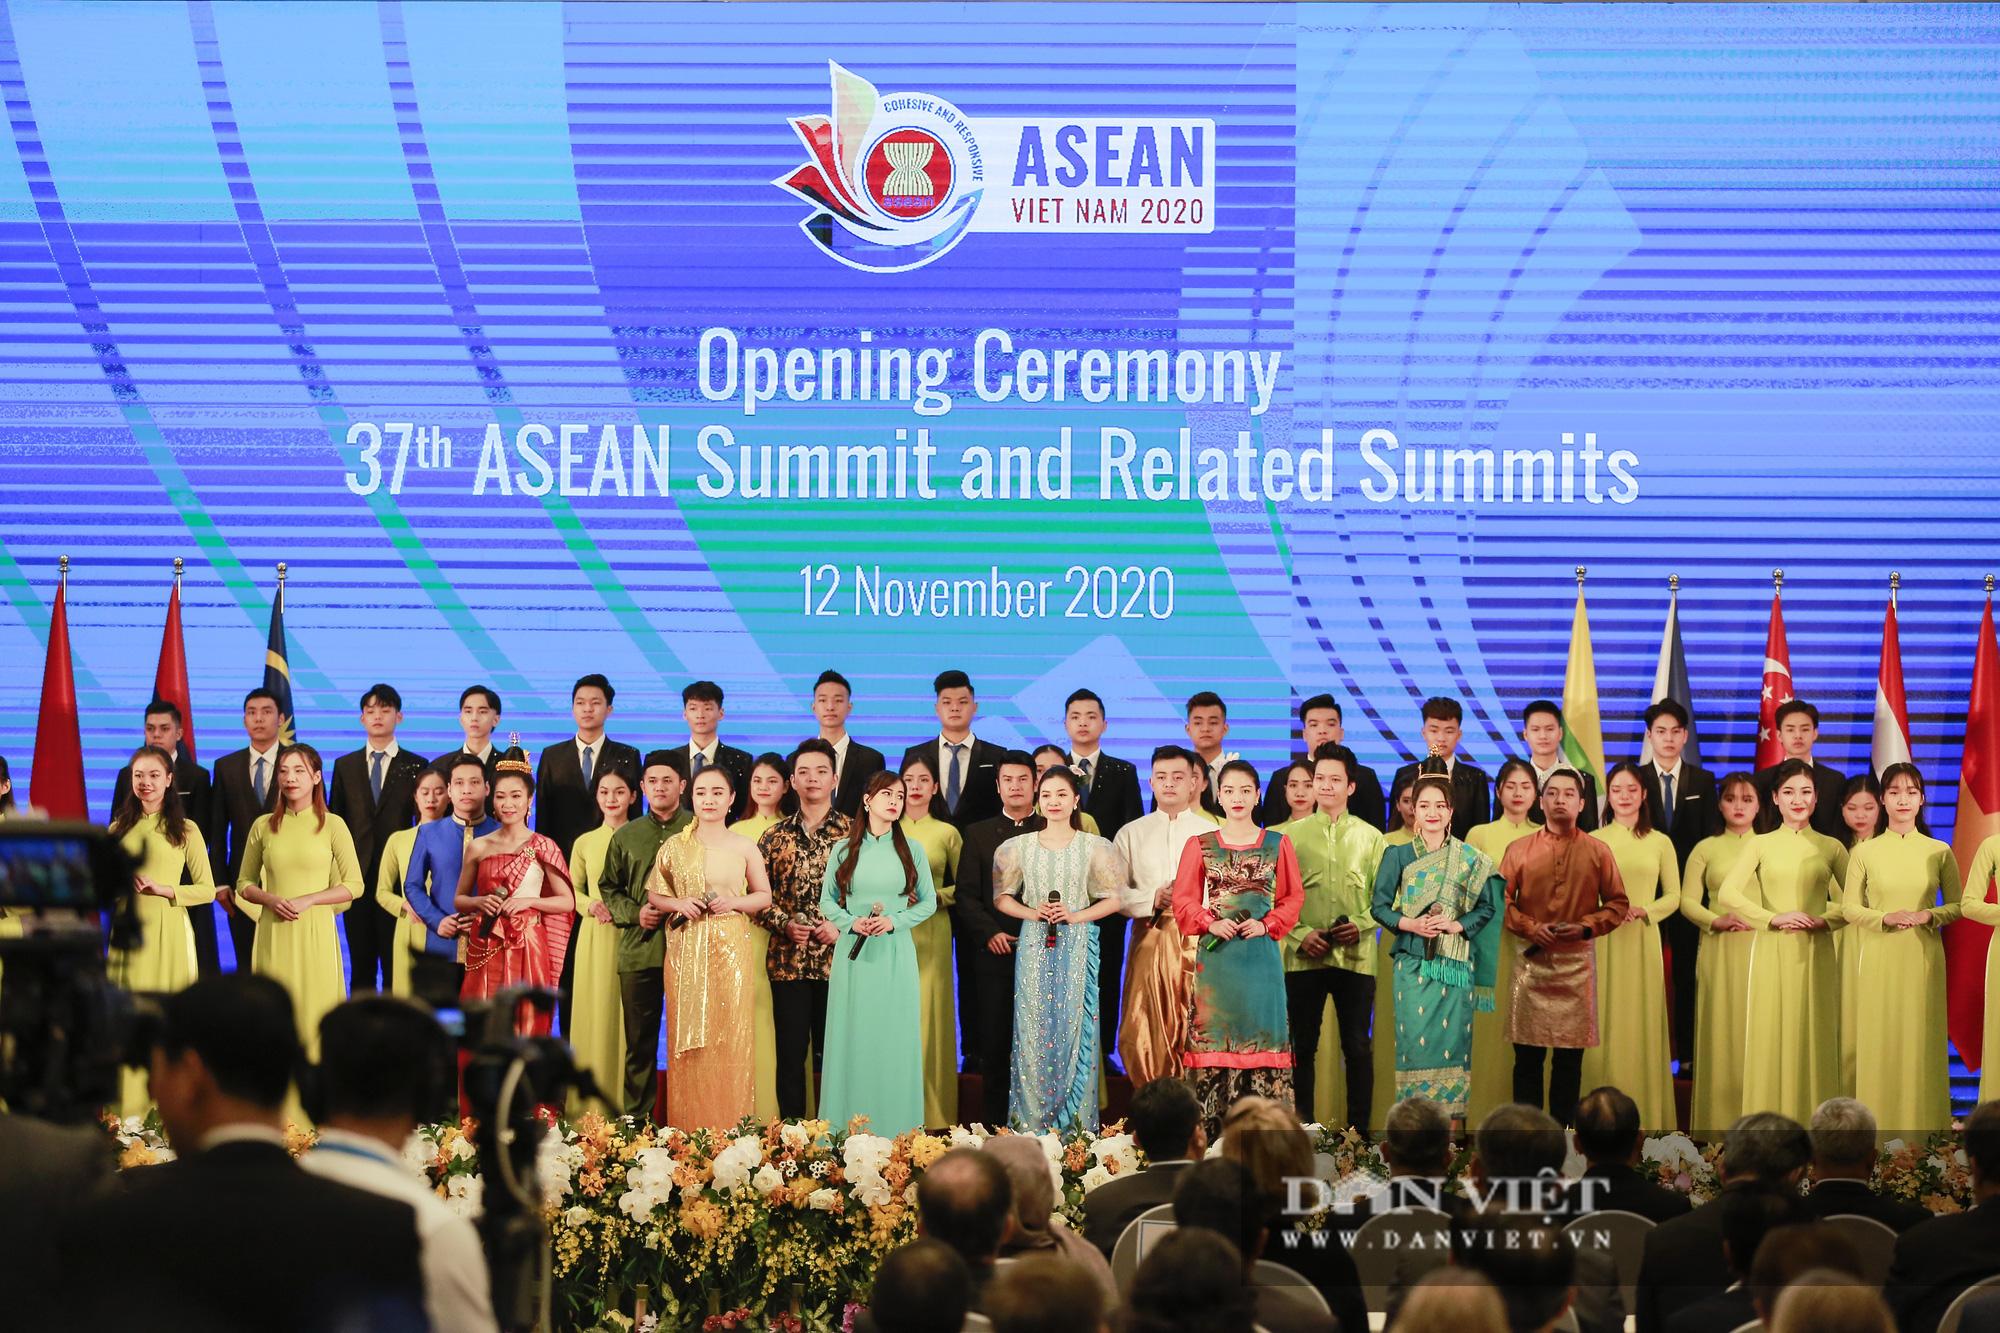 Toàn cảnh Khai mạc Hội nghị Cấp cao ASEAN lần thứ 37 - Ảnh 7.